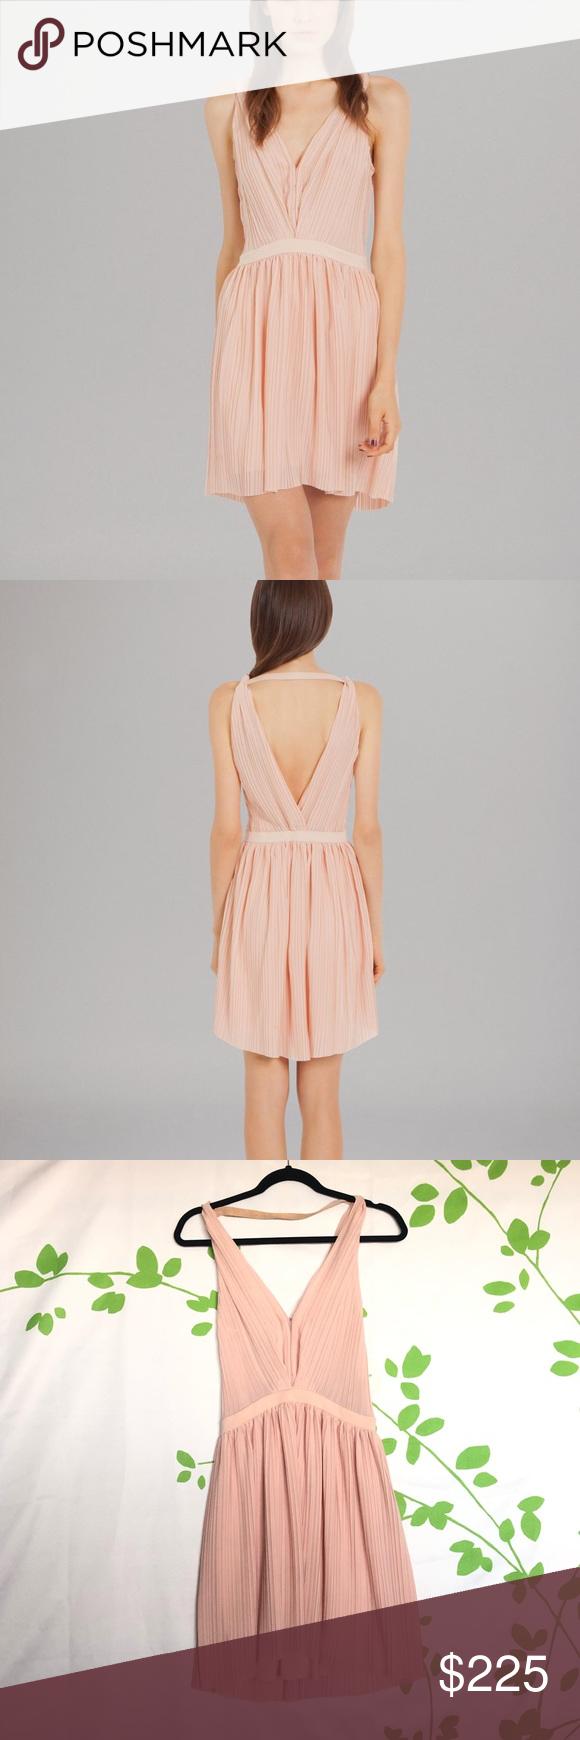 Maje Frasera Grecian dress blush Absolutely beautiful